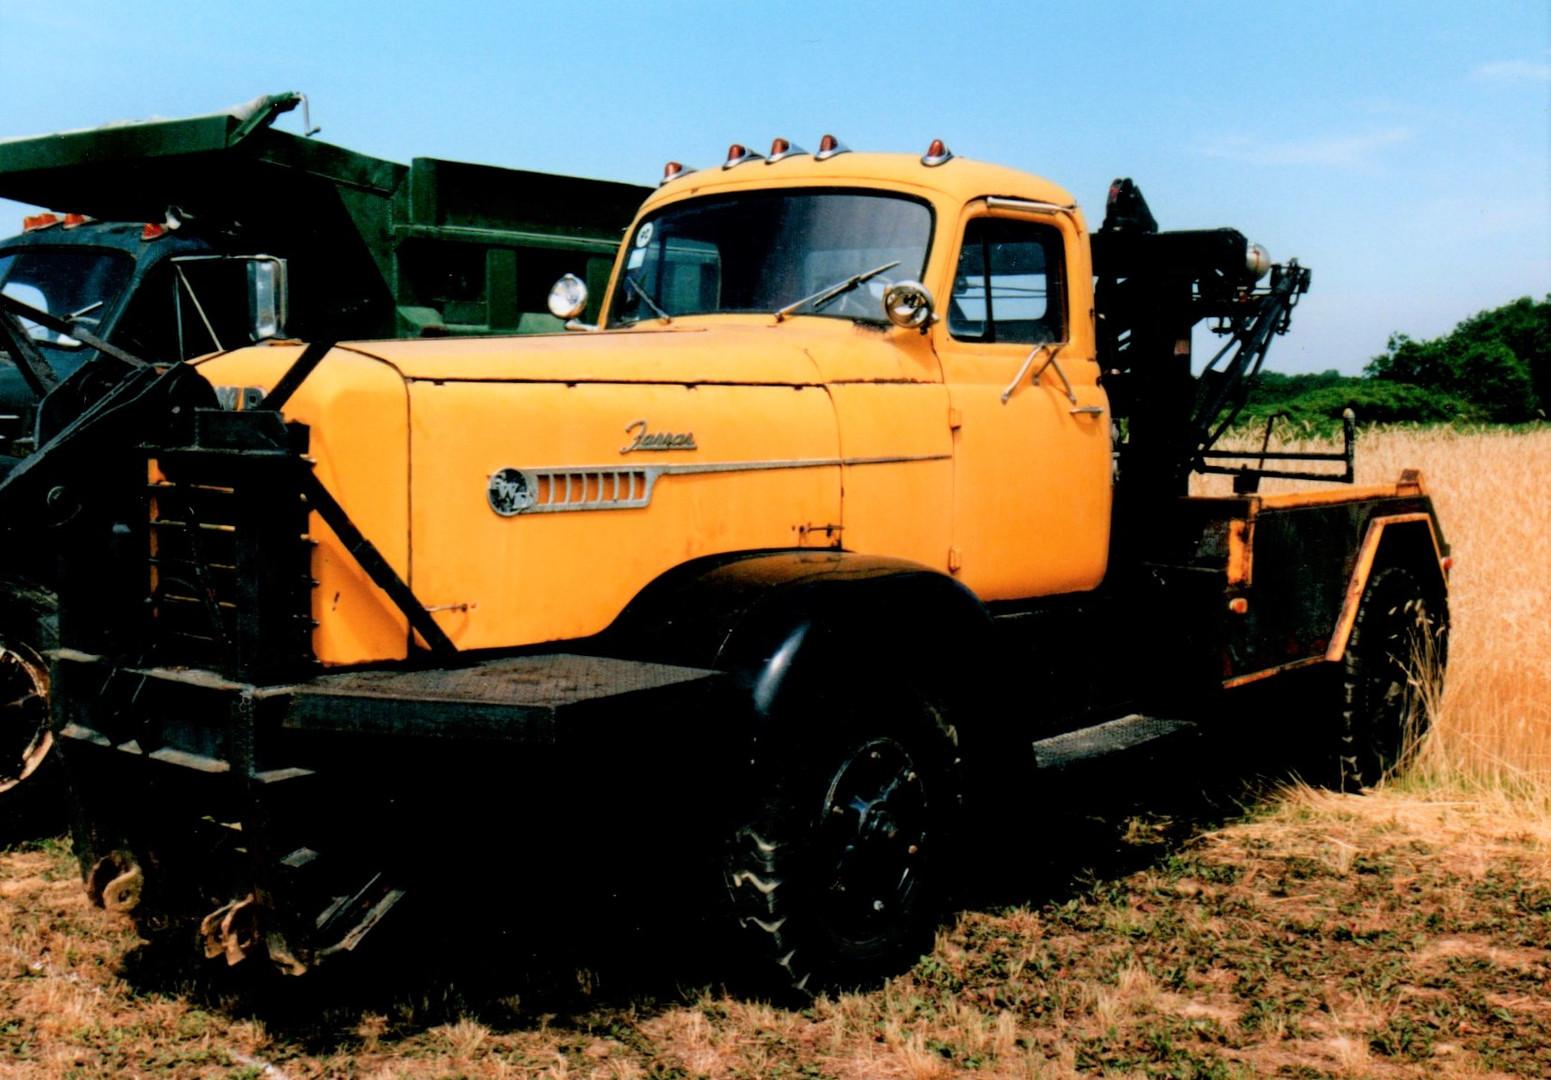 1959 FWD wrecker - Bob Pfluger